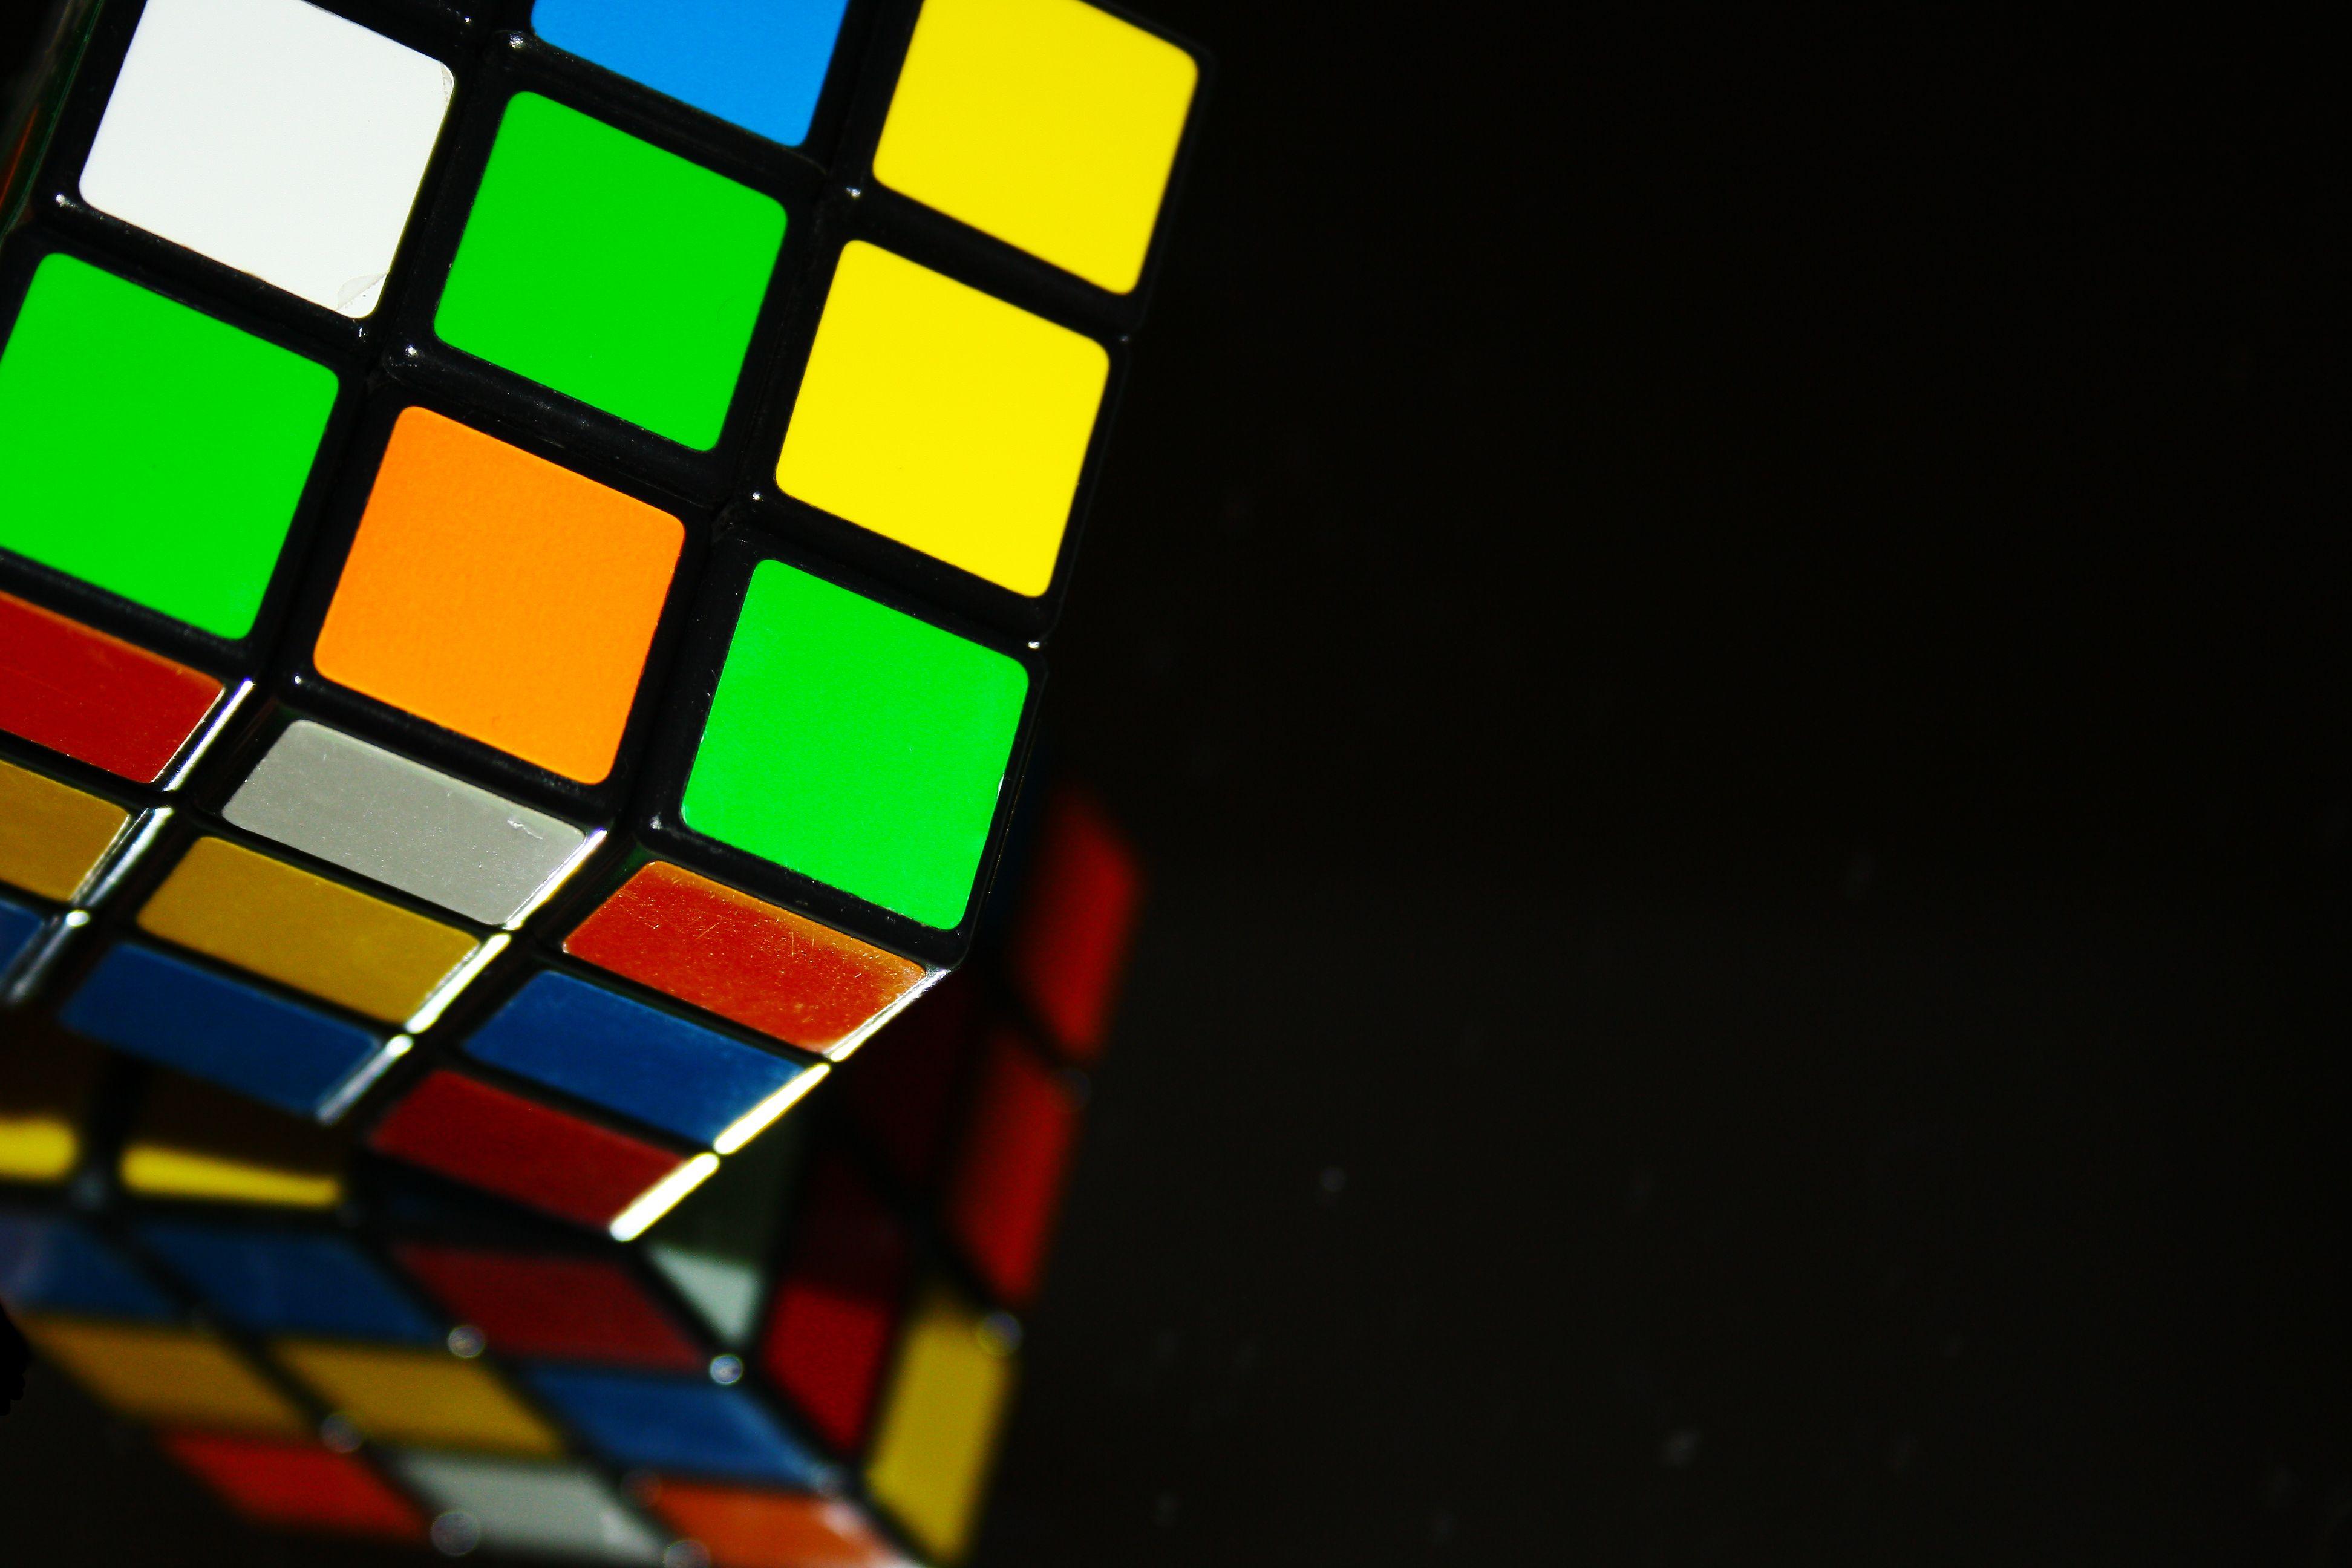 668fc5b3fcab9afbc4ccaae39758d956 Jpg 3888 2592 Cubo Rubik Rubik Images, Photos, Reviews